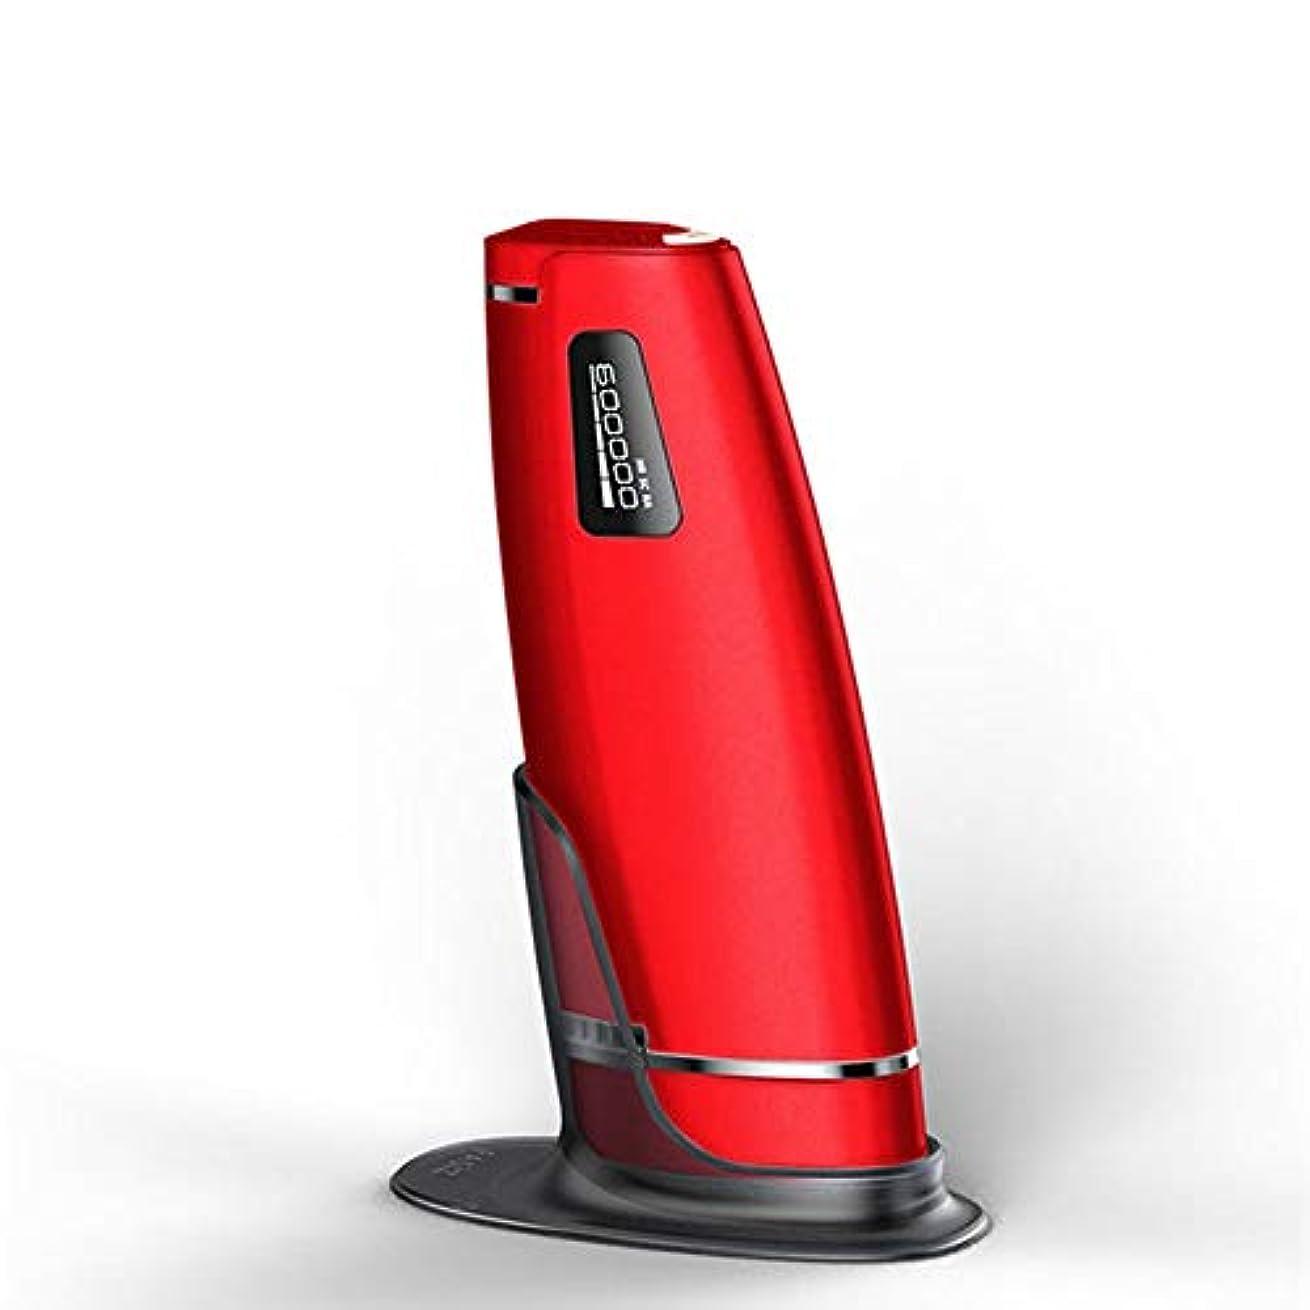 ウェブ食事飢えた赤、デュアルモード、ホームオートマチック無痛脱毛剤、携帯用永久脱毛剤、5スピード調整、サイズ20.5 X 4.5 X 7 Cm 髪以外はきれい (Color : Red)